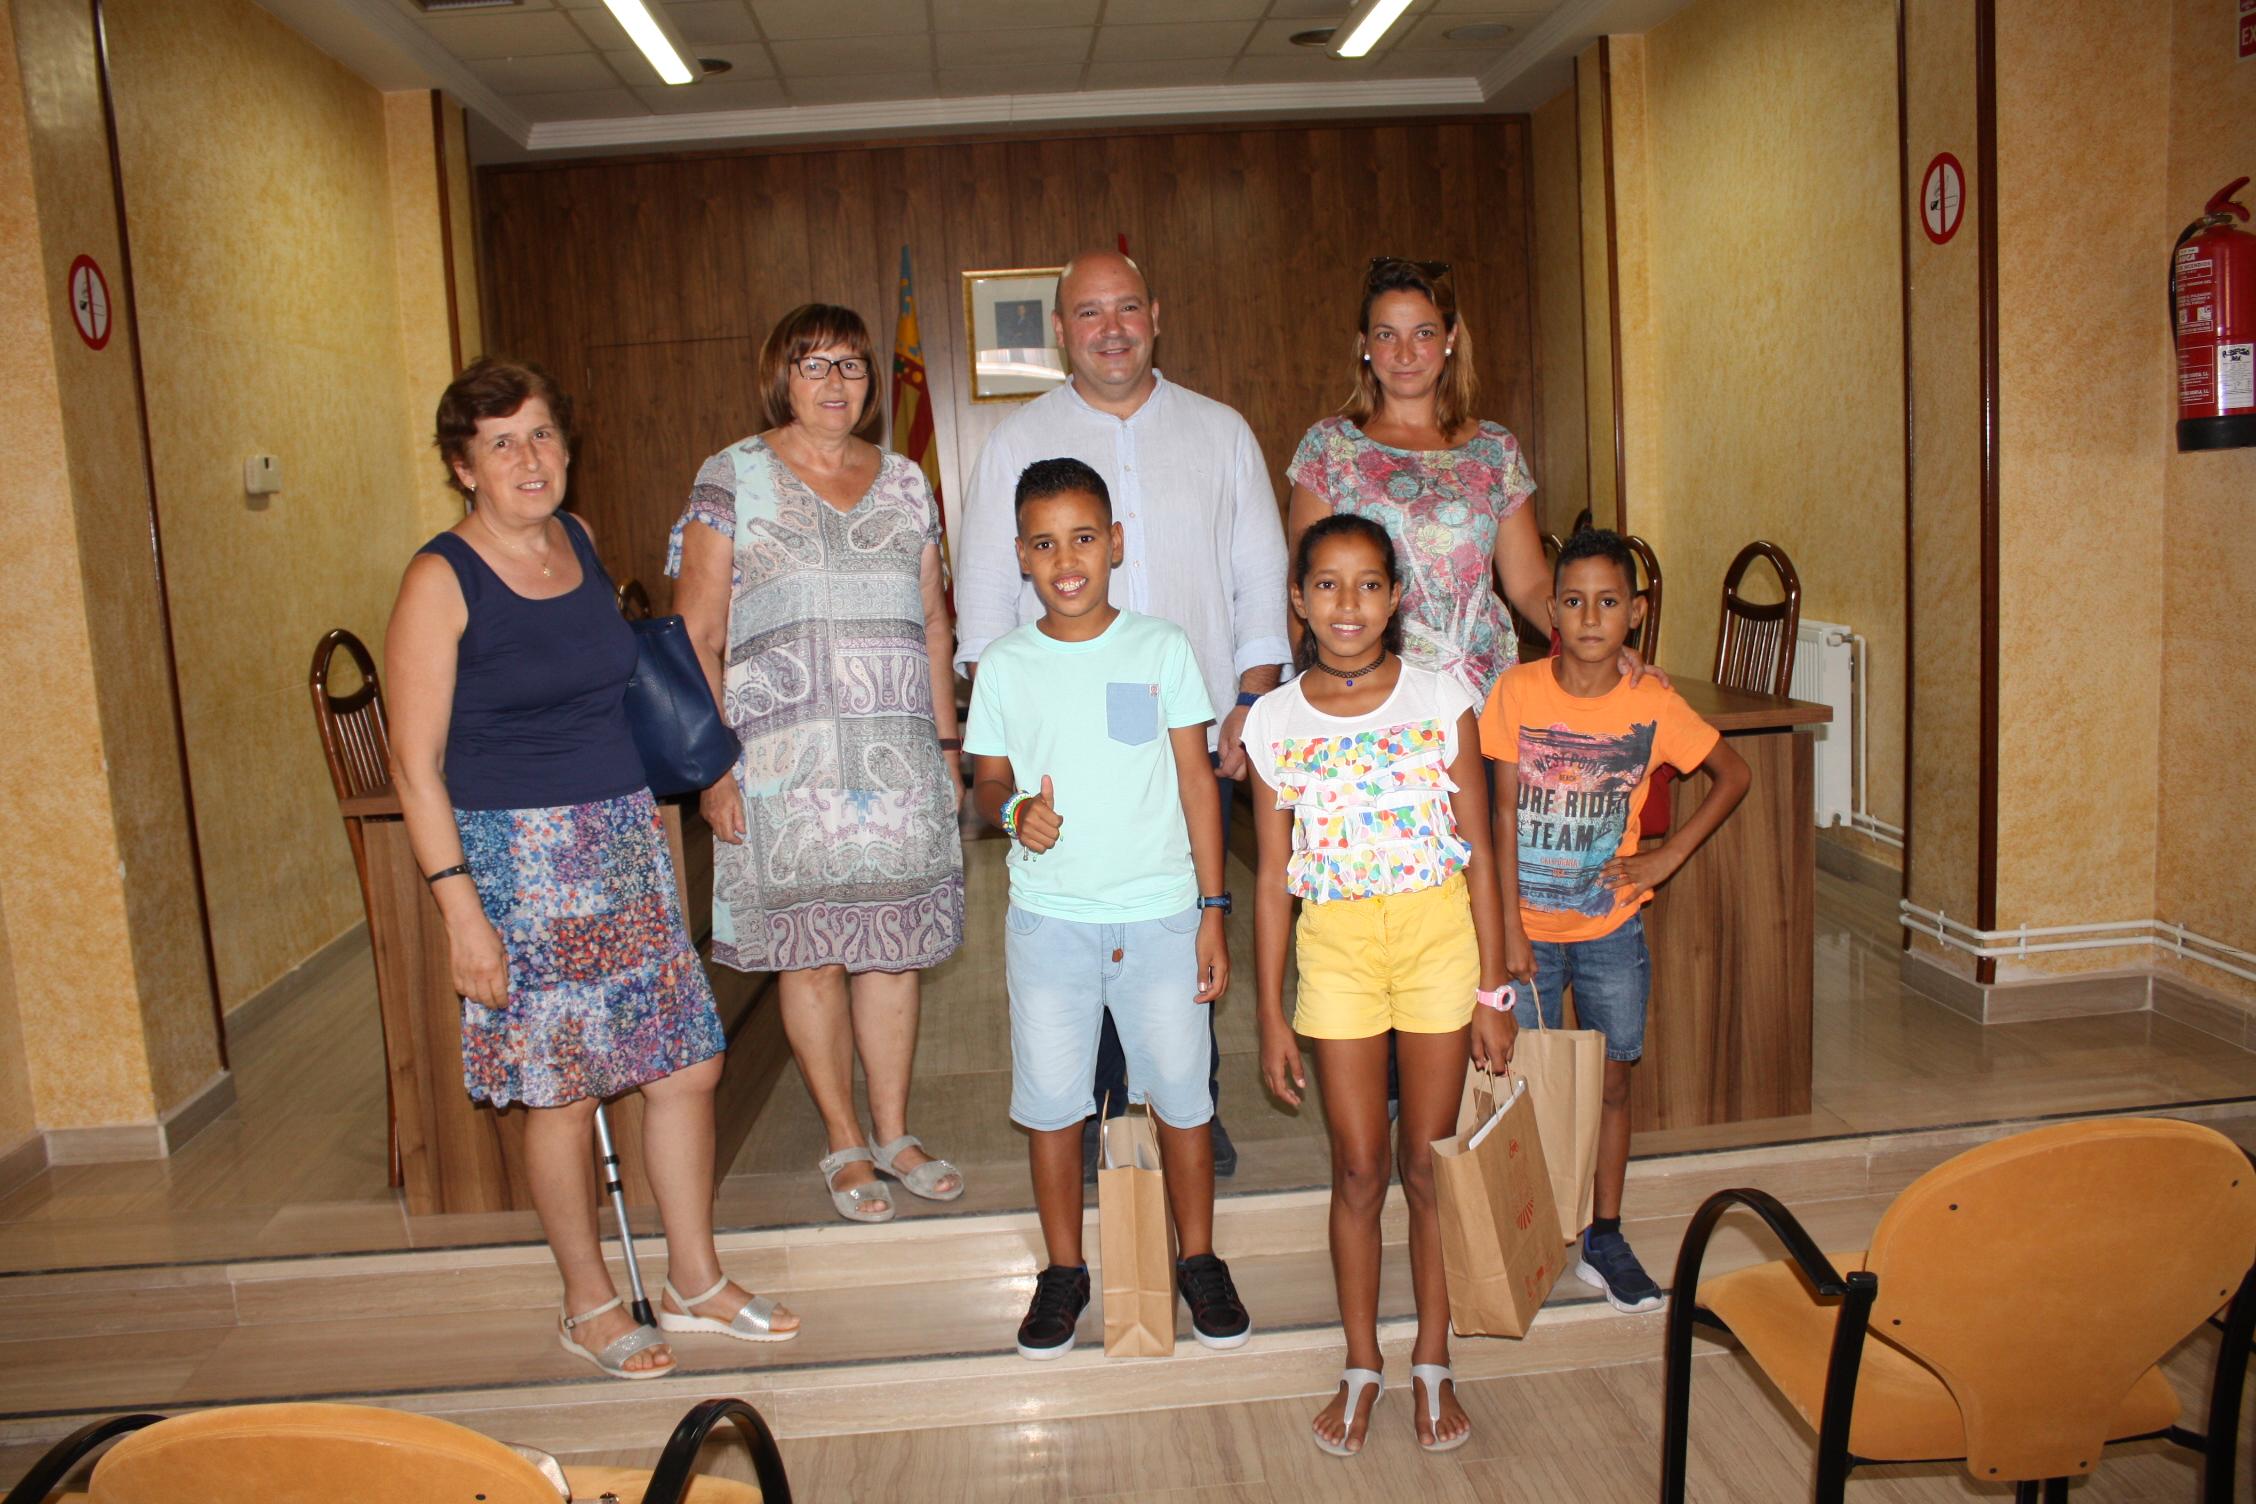 Turís se despide de Sidahmed, Zahara y Mohammed, los tres niños saharauis que han pasado la mayor parte del verano en la localidad.